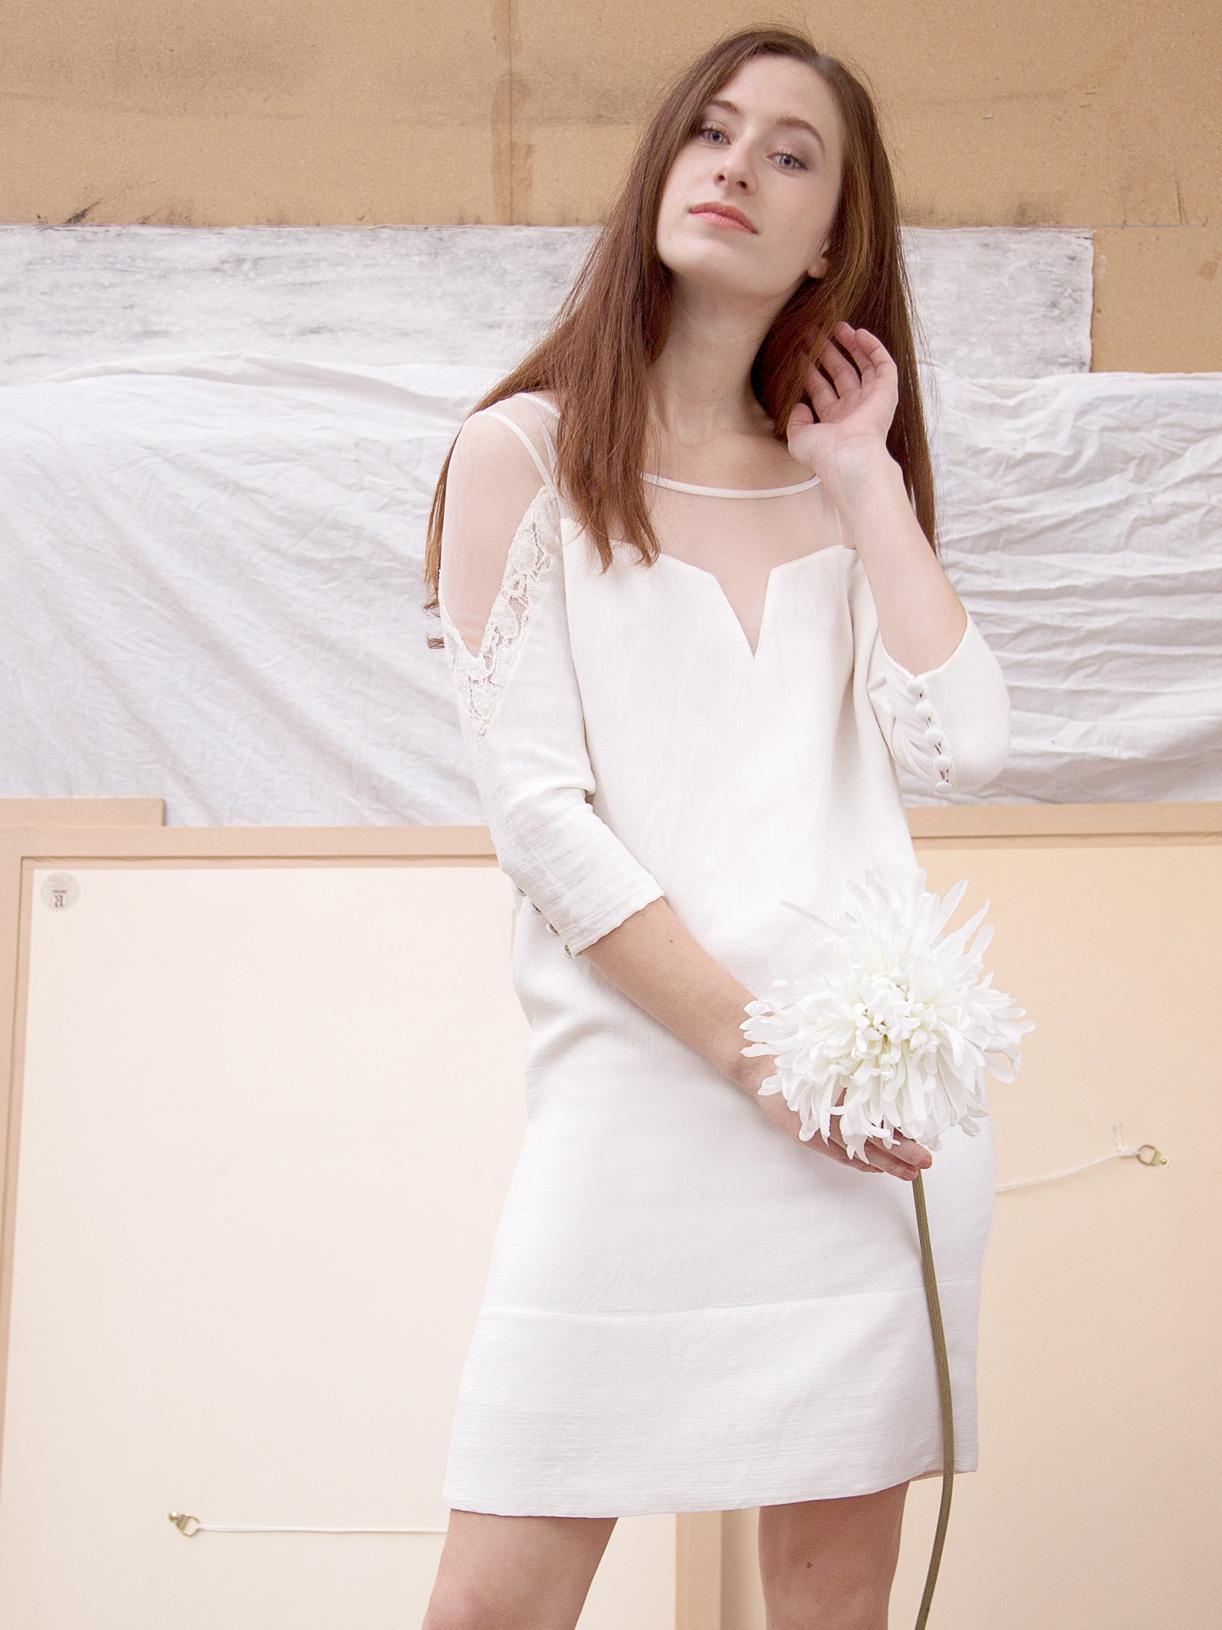 Elsa - Robe pour mariage civil courte en lin et dentelle transparente ethique et bio - Myphilosophy